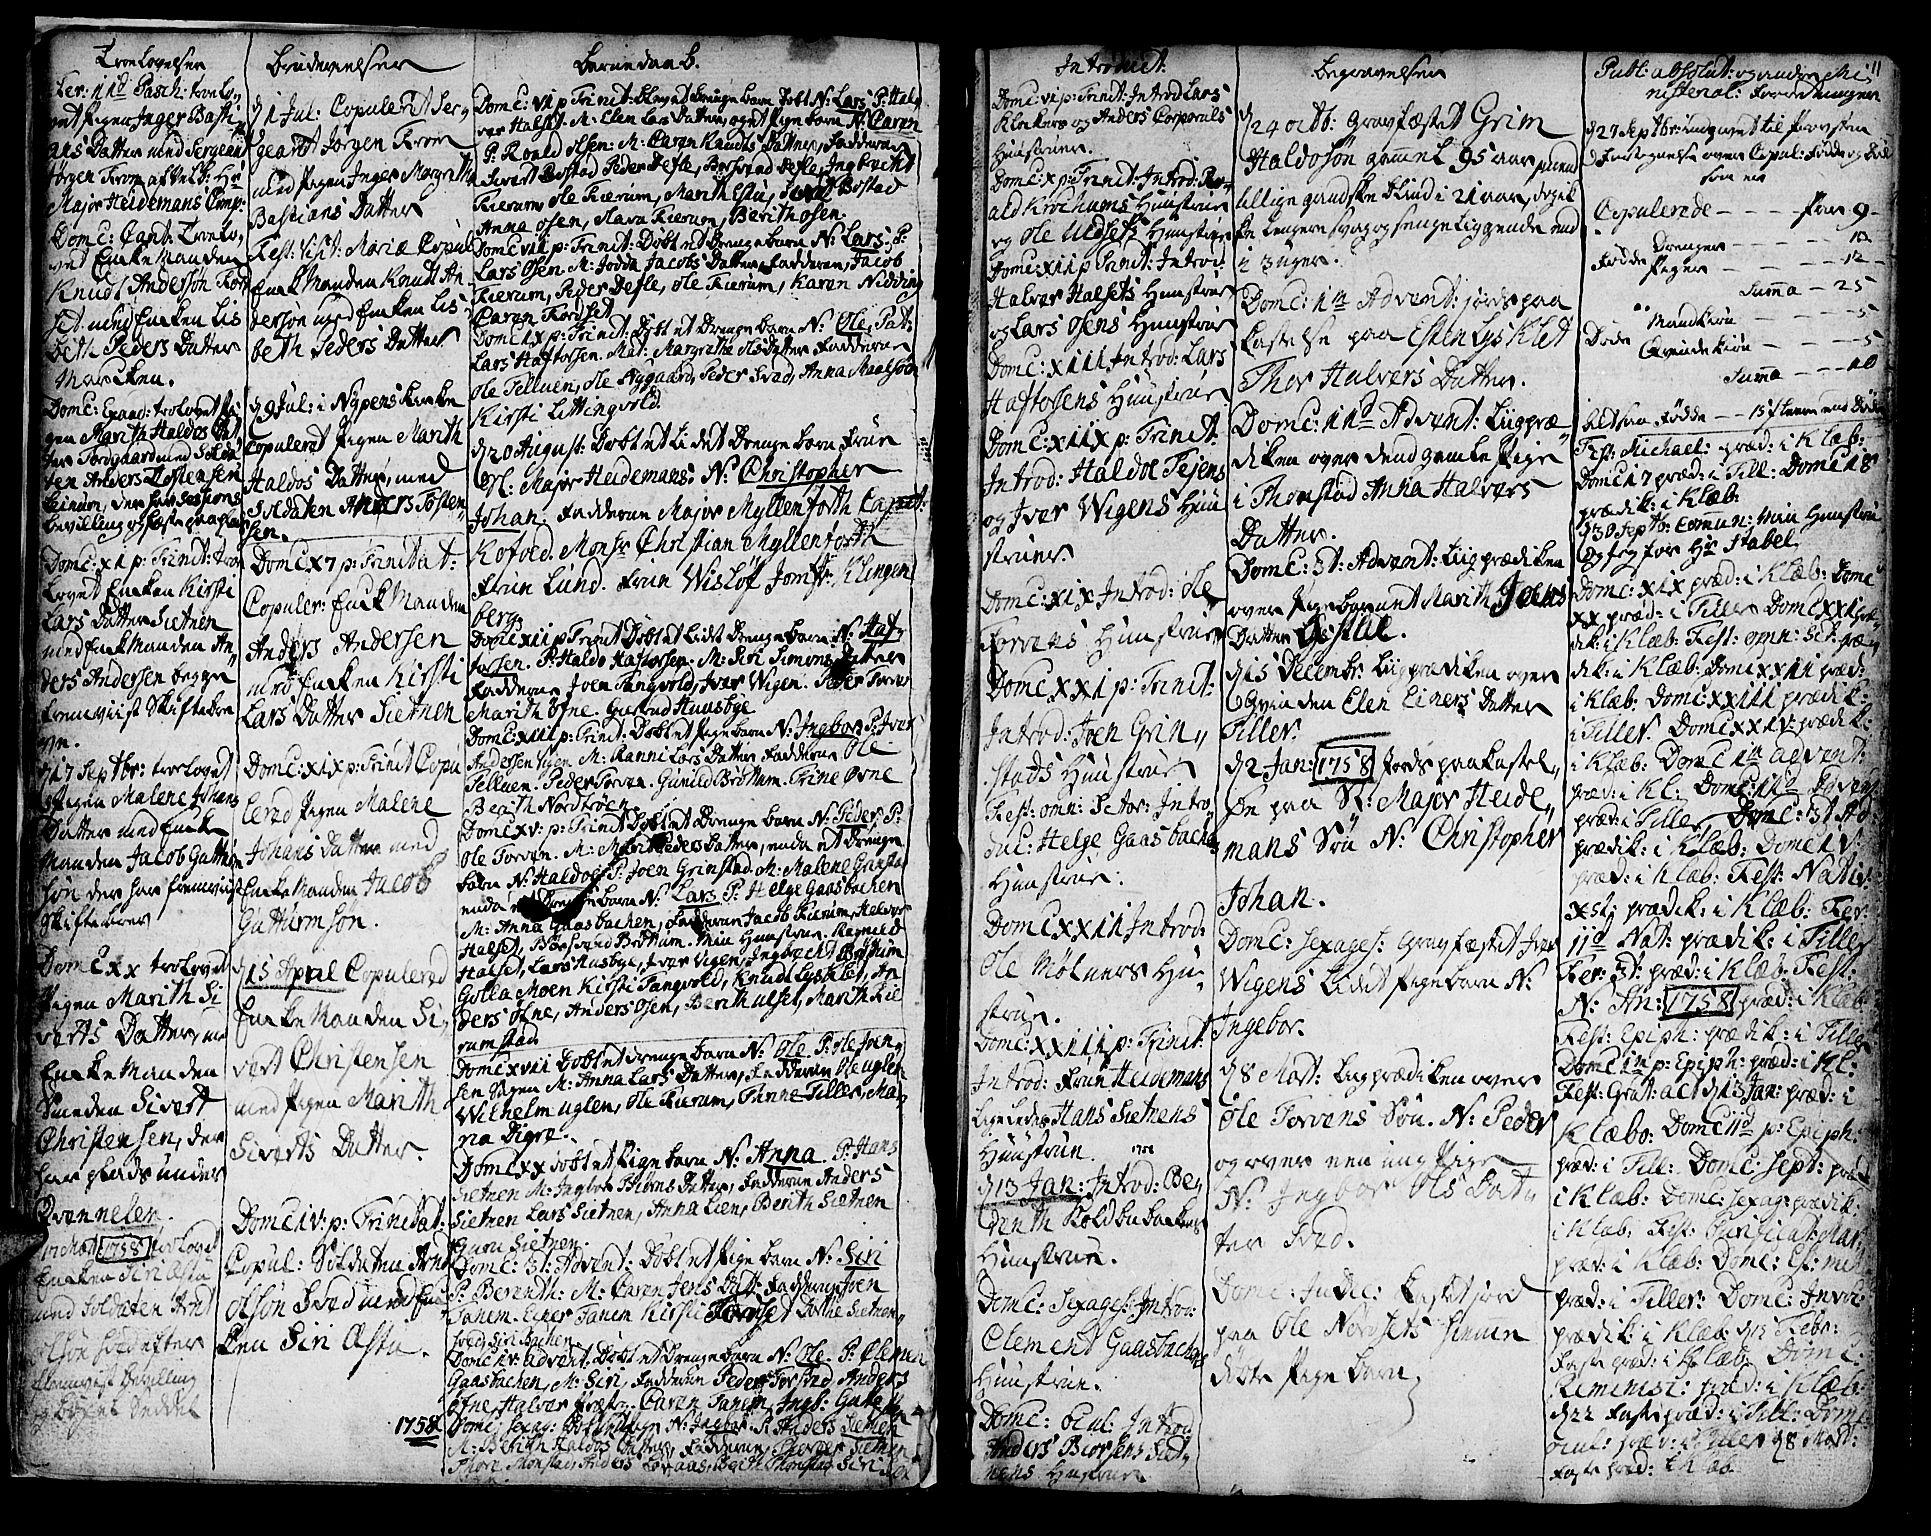 SAT, Ministerialprotokoller, klokkerbøker og fødselsregistre - Sør-Trøndelag, 618/L0437: Ministerialbok nr. 618A02, 1749-1782, s. 11